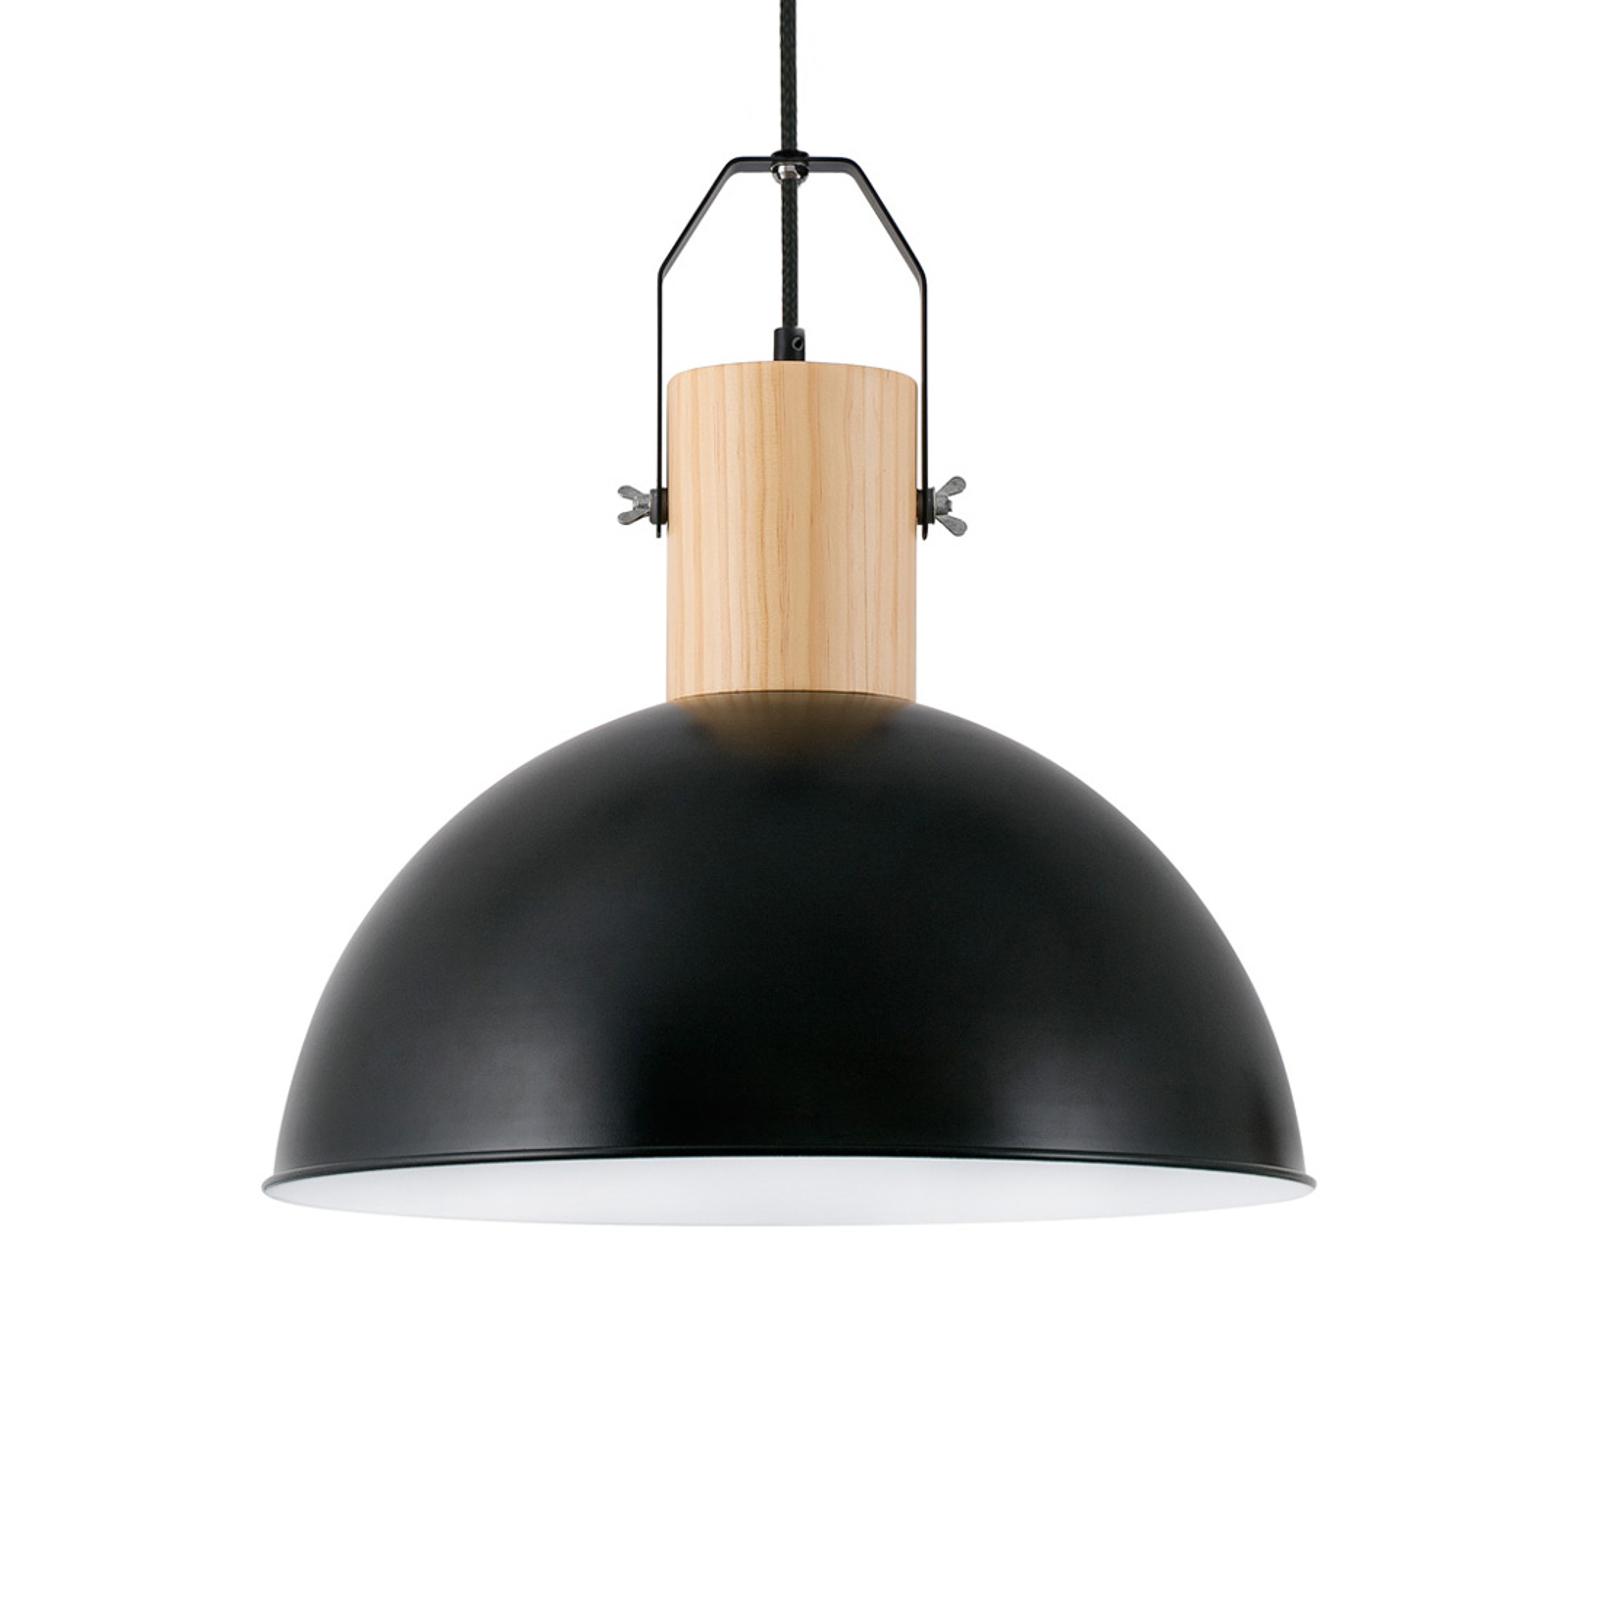 Závěsné světlo Margot z kovu, černá